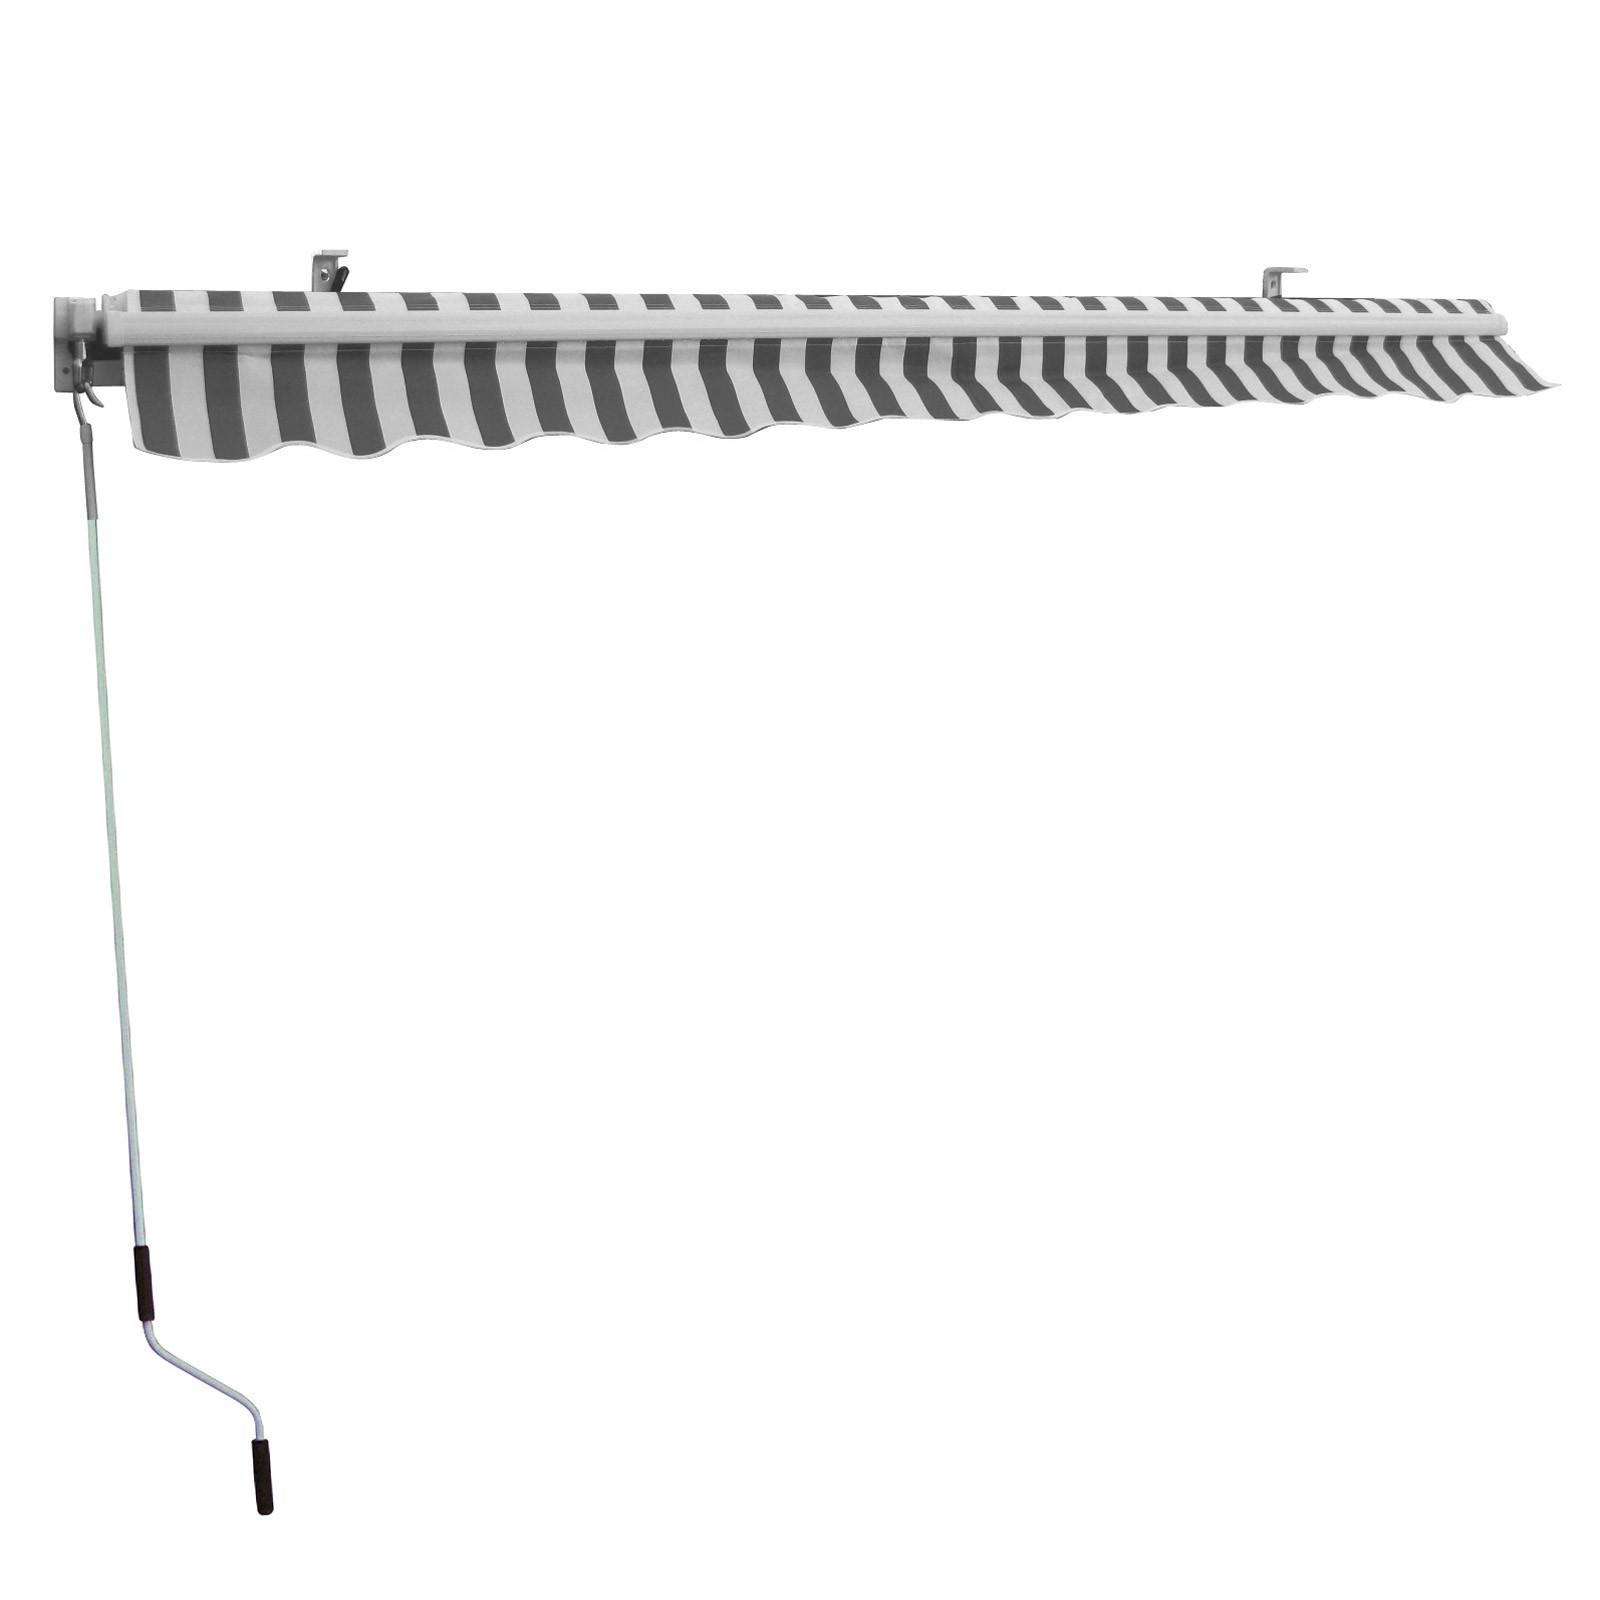 alu markise sonnenschutz 300x250 cm grau wei gelb wei. Black Bedroom Furniture Sets. Home Design Ideas